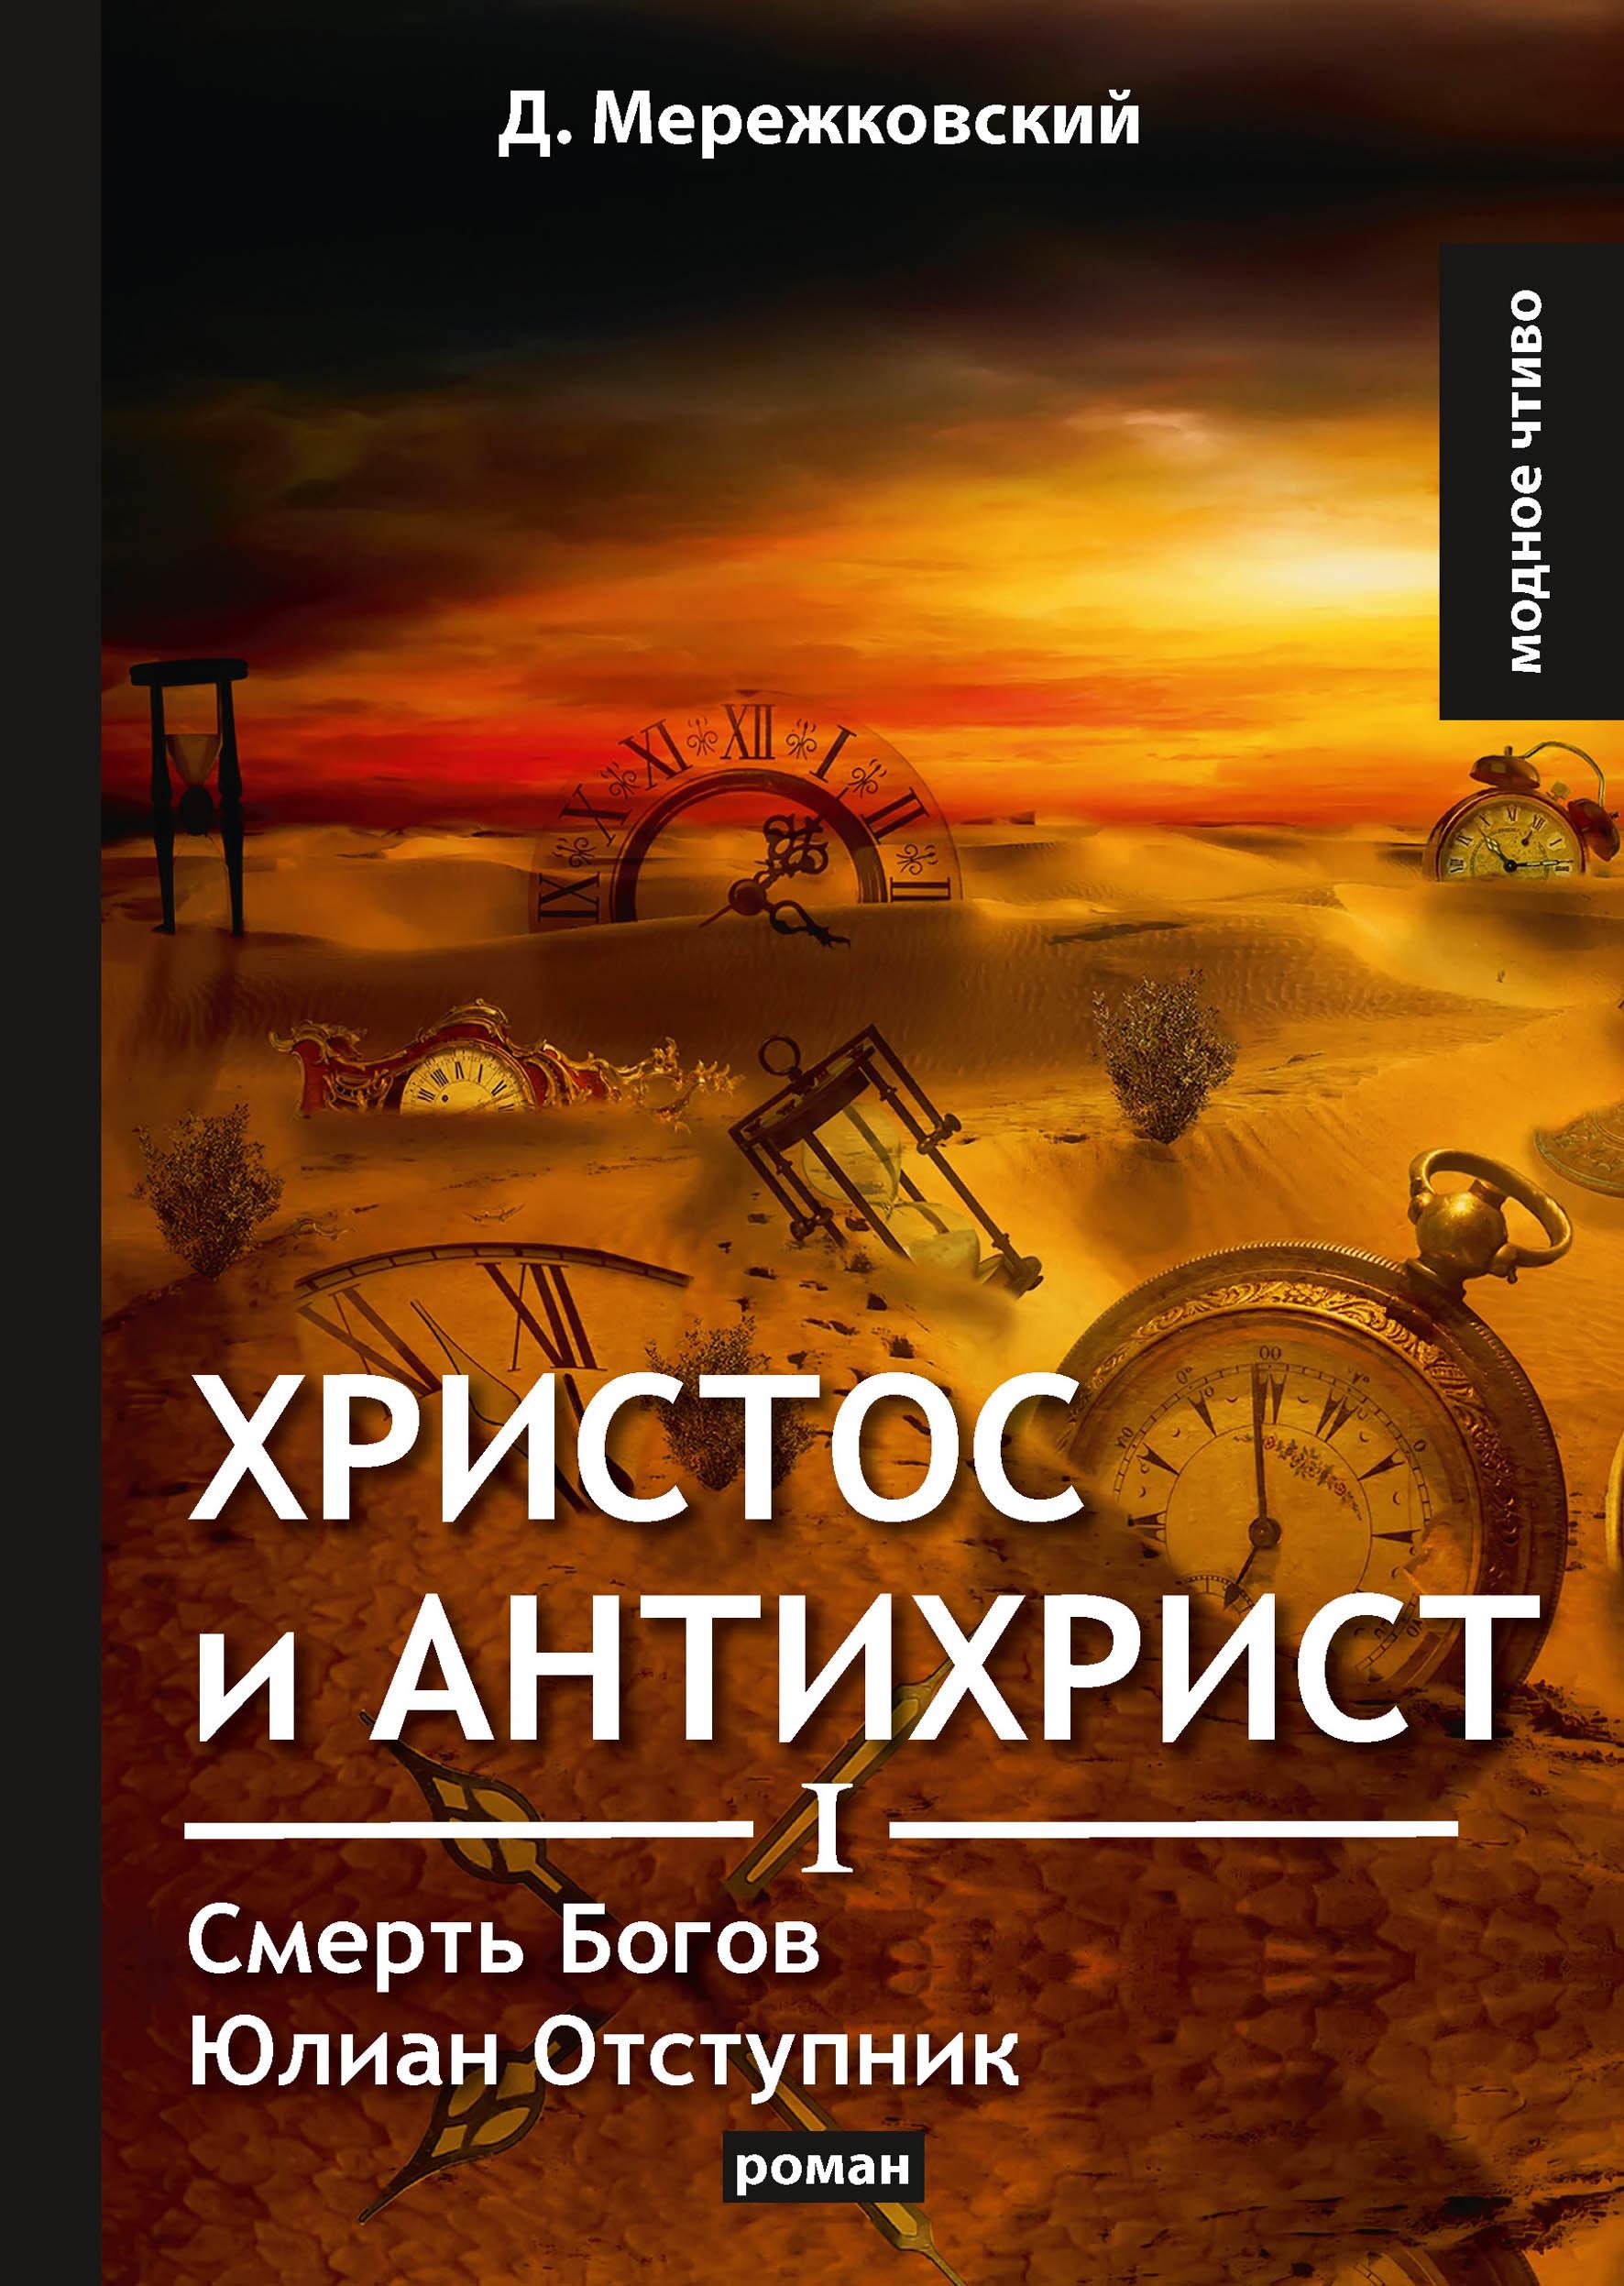 Христос и Антихрист I. Смерть Богов. Юлиан Отступник, Мережковский Д.